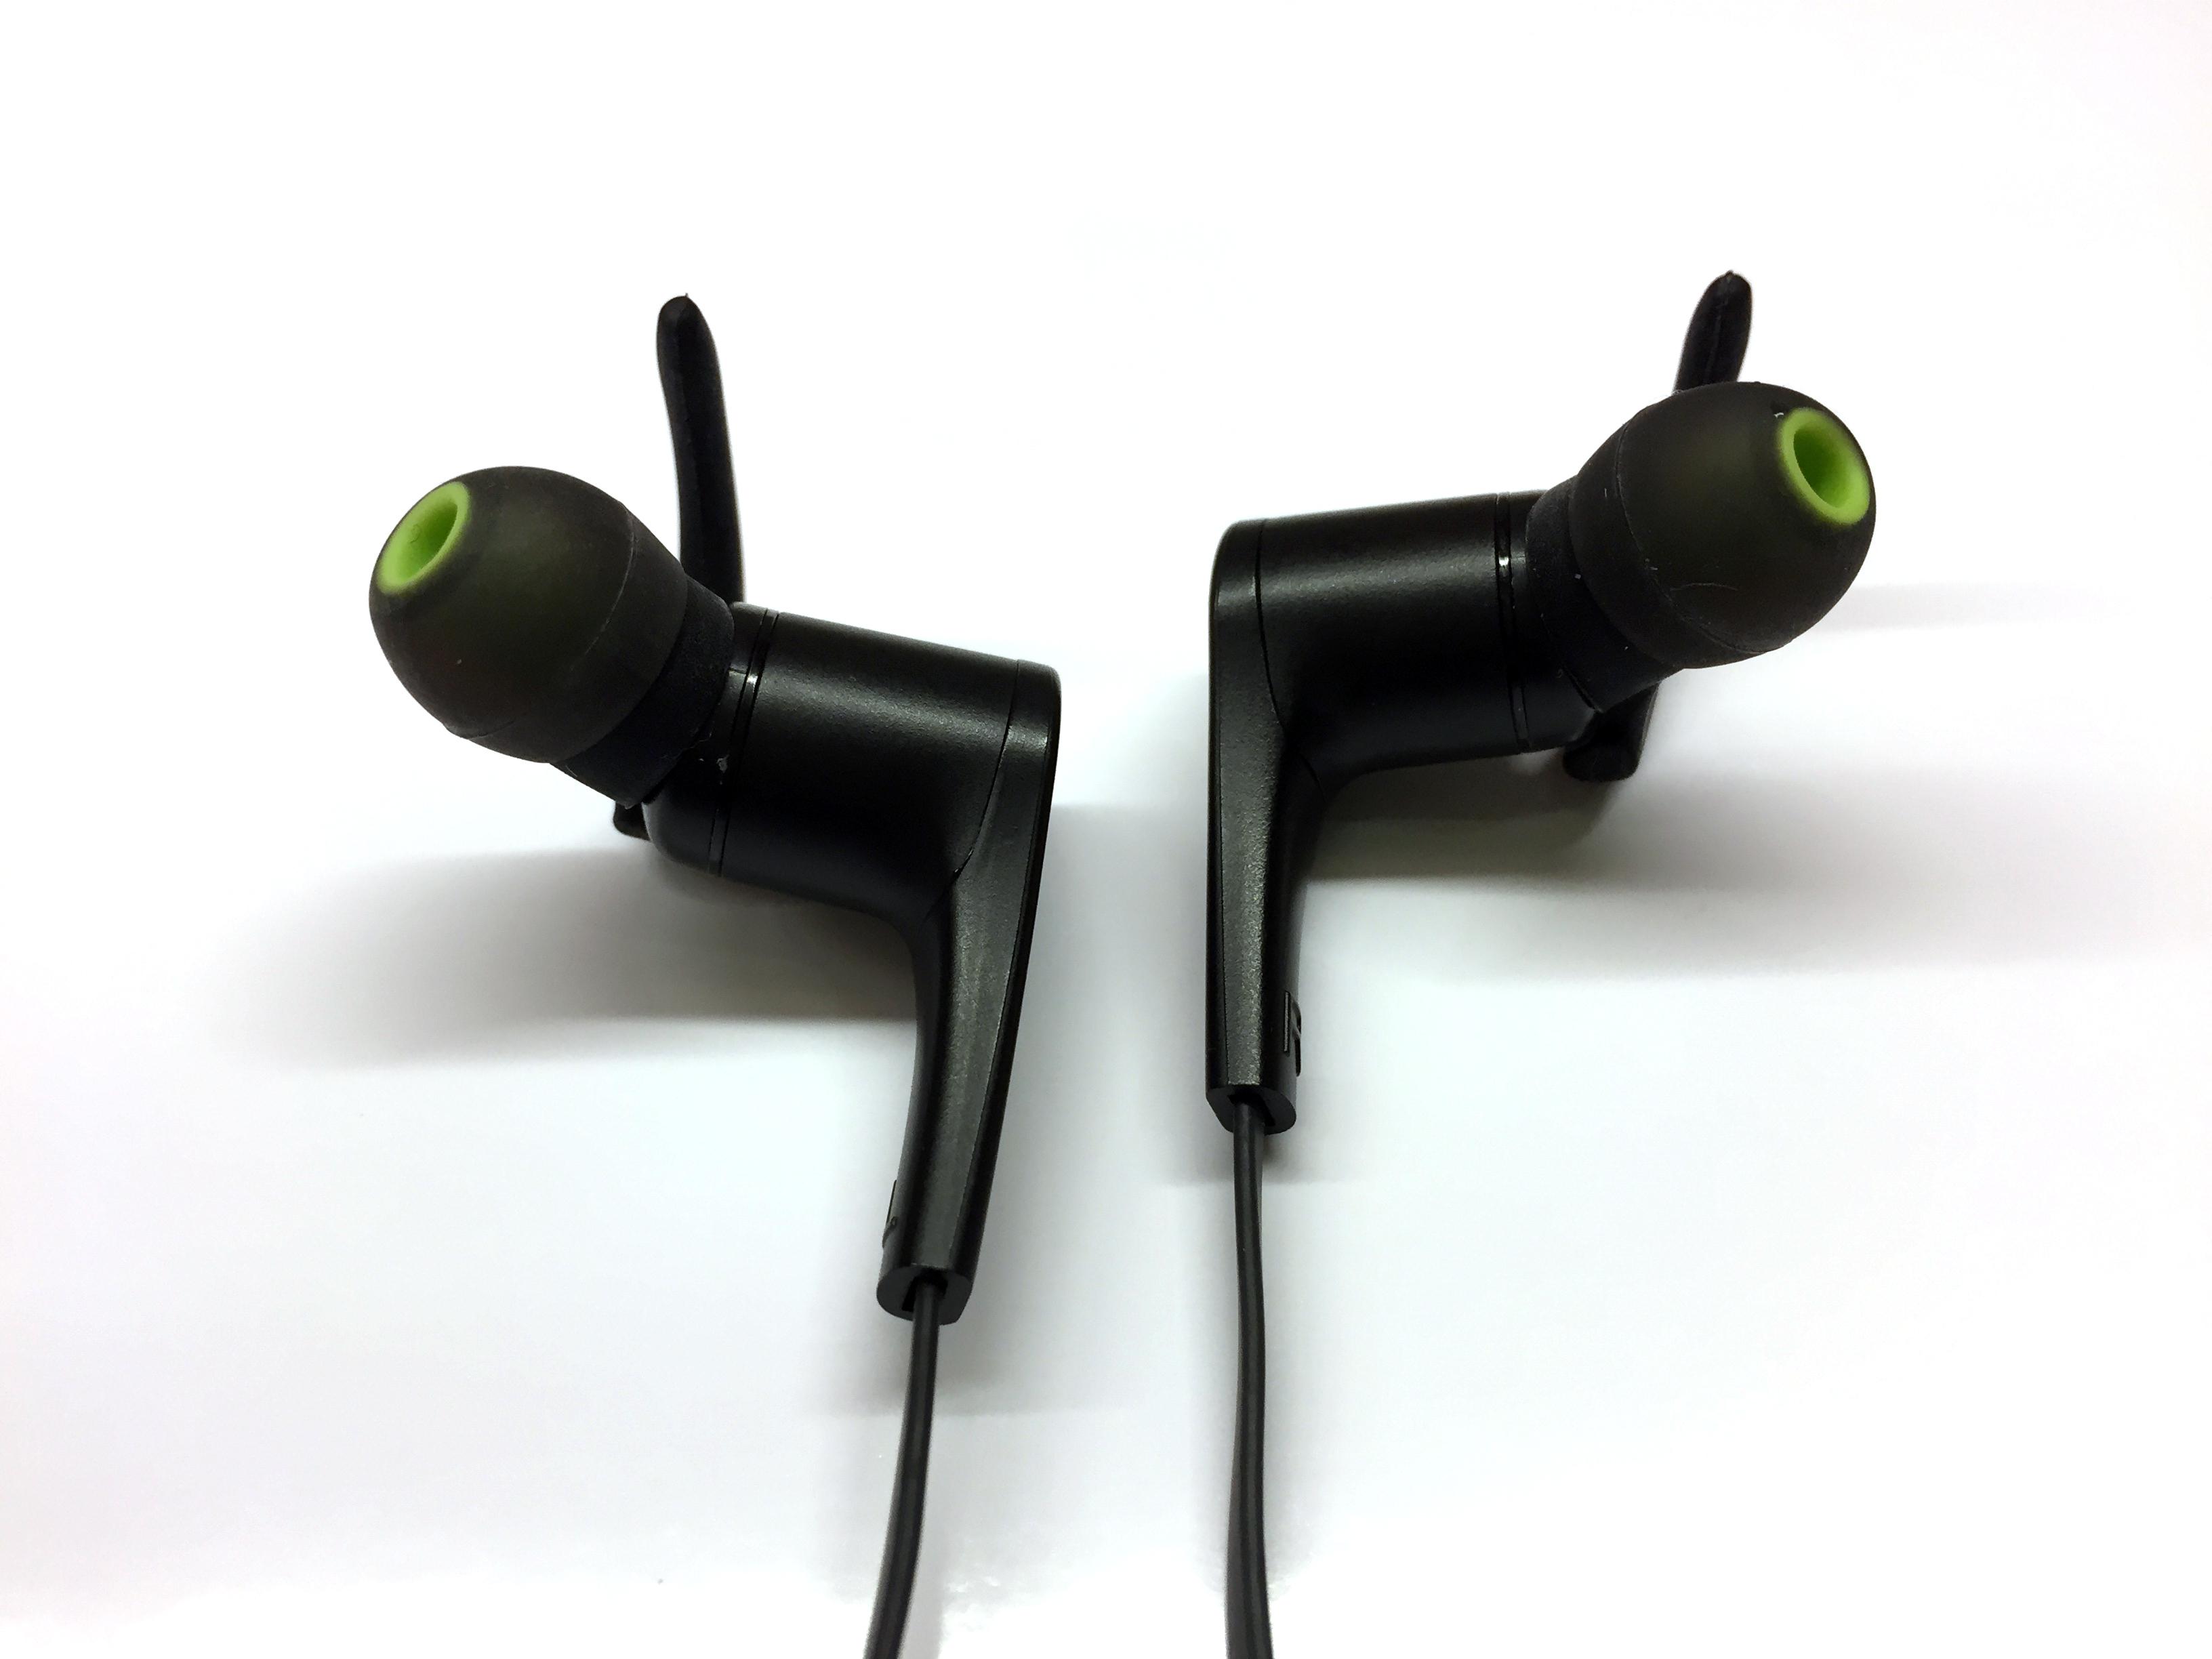 【レビュー】音質が良く価格の安いBluetooth イヤホンなら「Sound PEATS Q12」